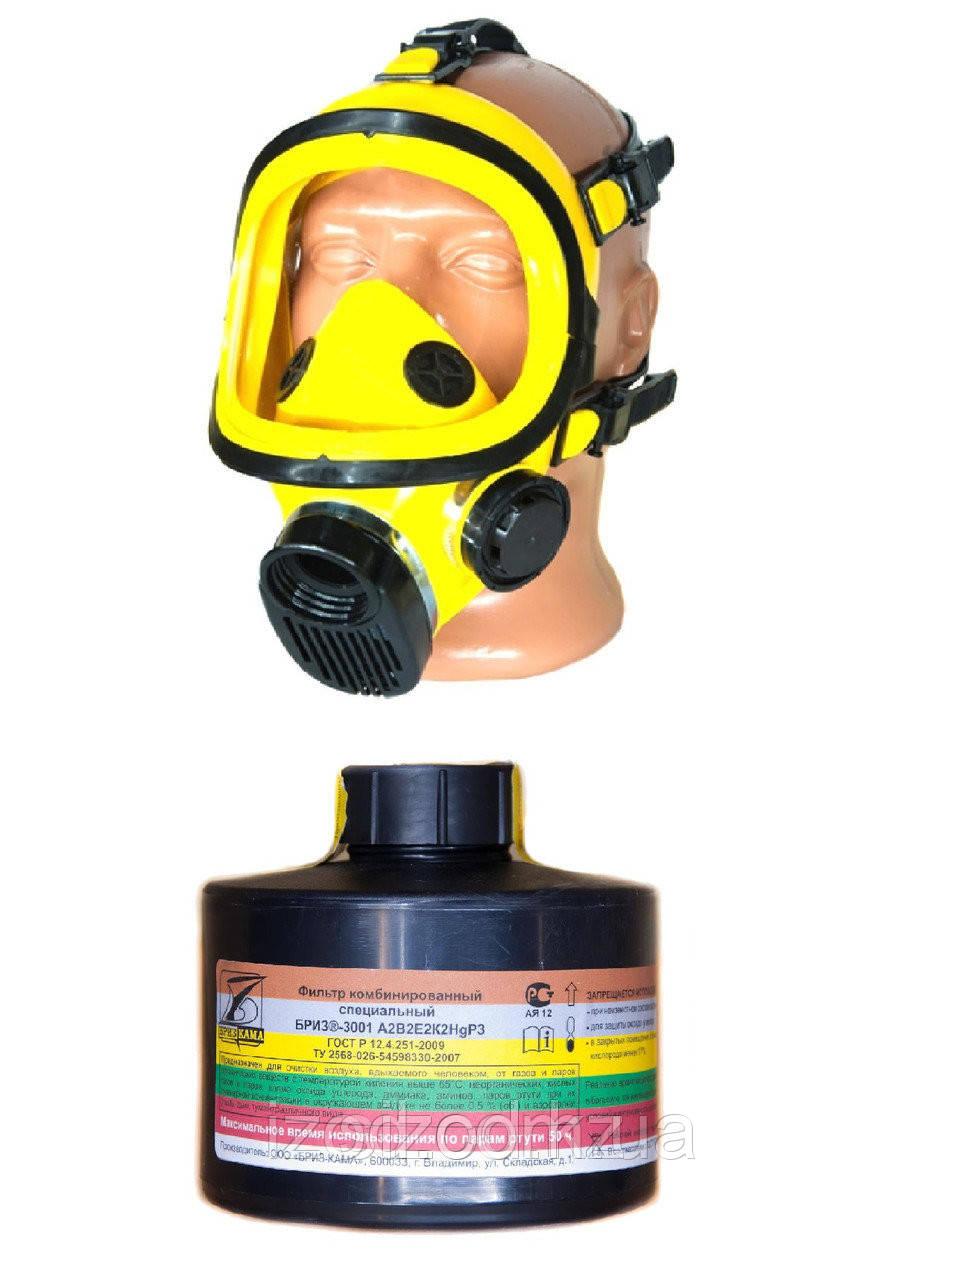 Противогаз промышленный фильтрующий (ППФ - 95) - ООО НПП Защита Украины  в Днепре